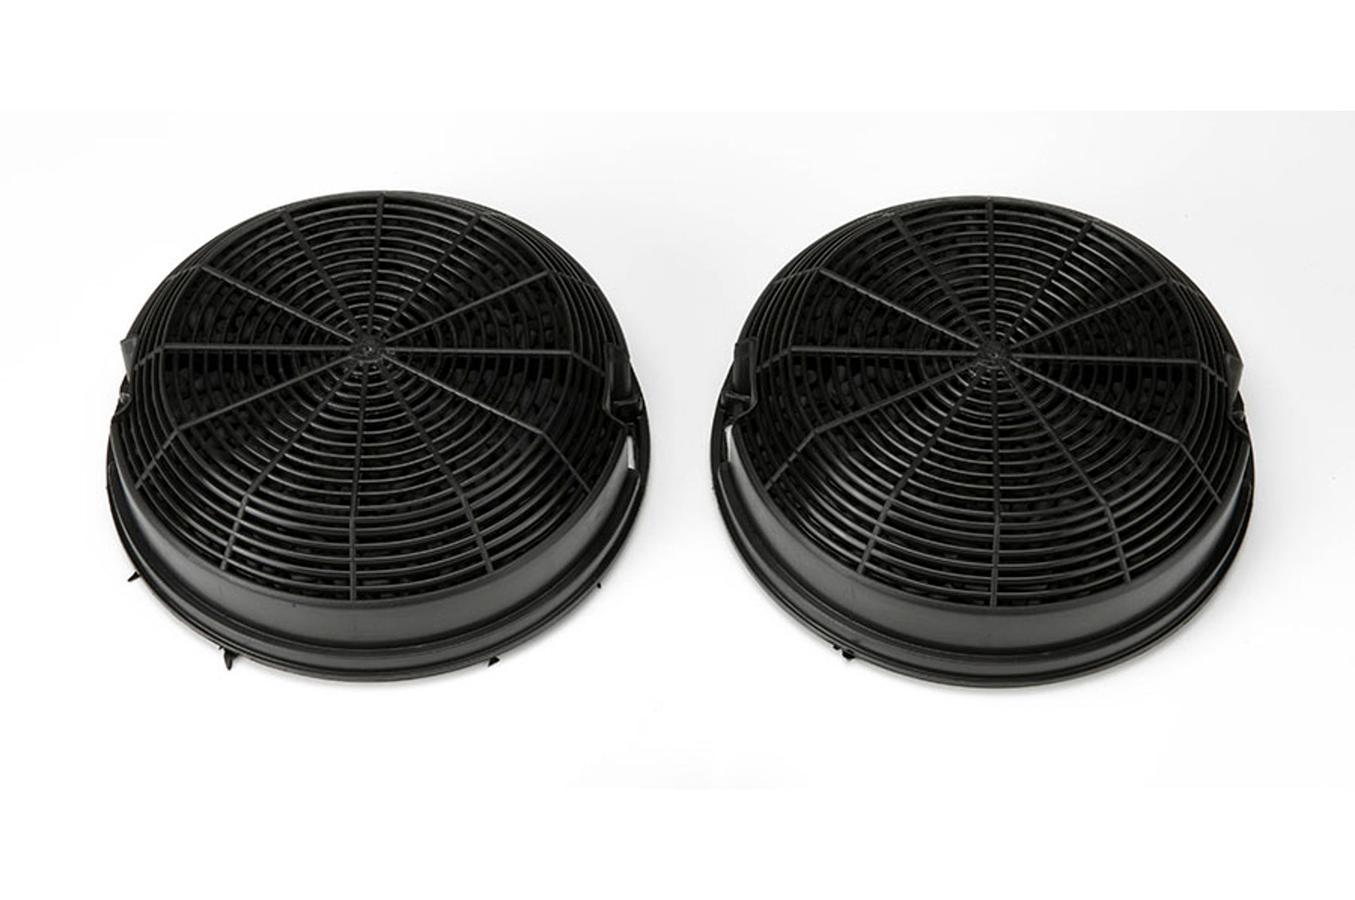 filtre de hotte anti odeurs proline filtre charbon f00479 1s 4192176 darty. Black Bedroom Furniture Sets. Home Design Ideas